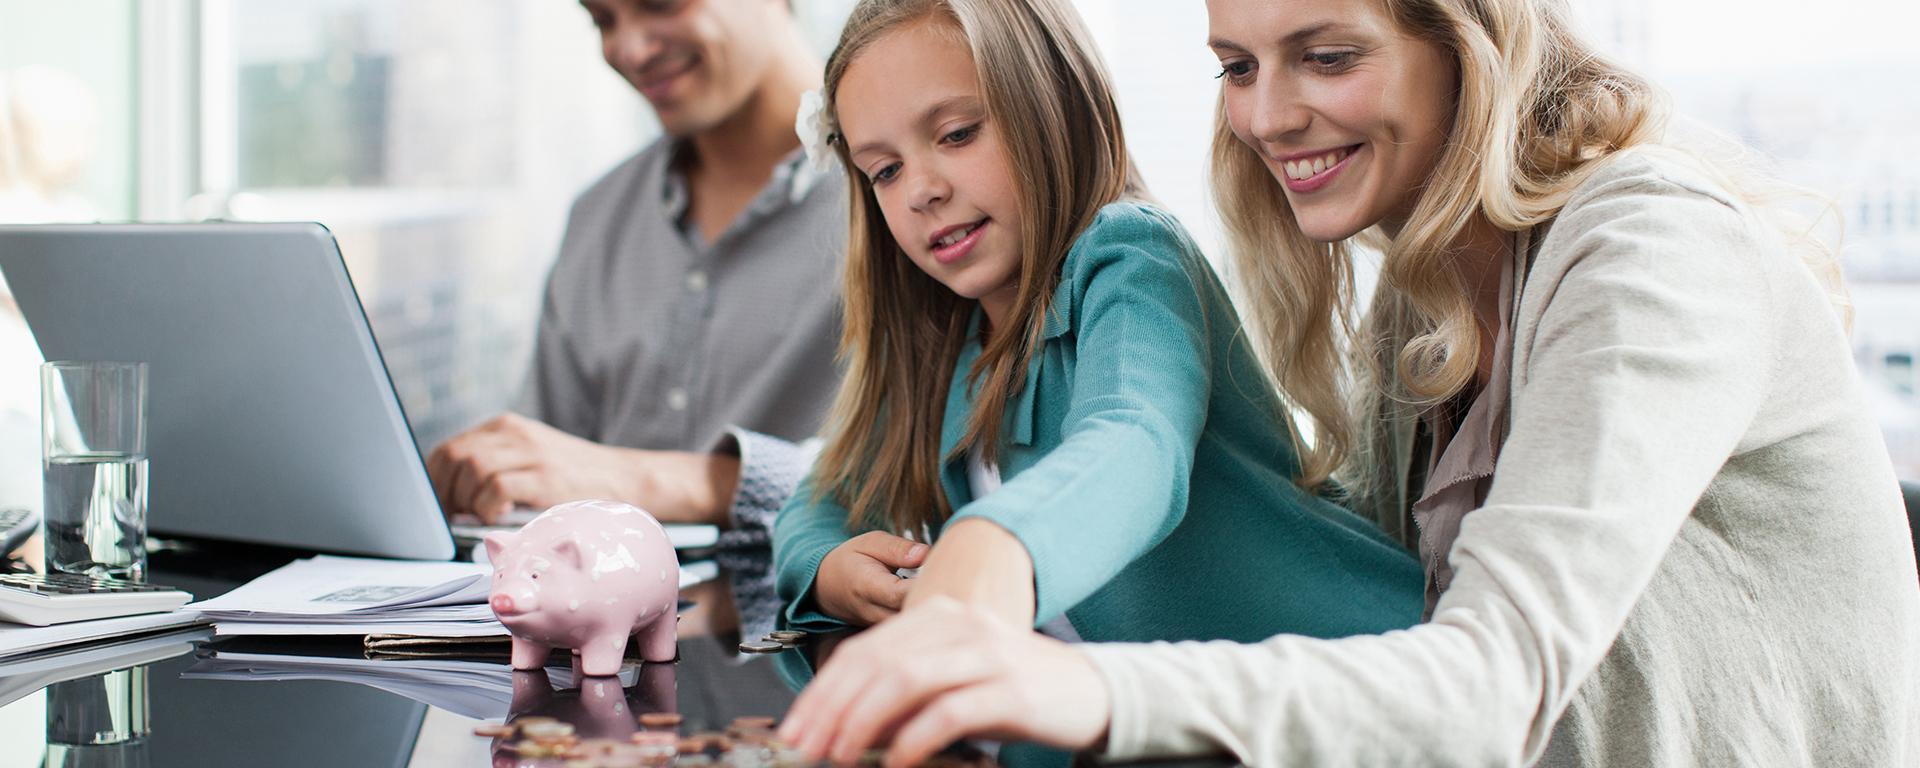 Modeling Good Financial Behavior for Your Kids Thumbnail